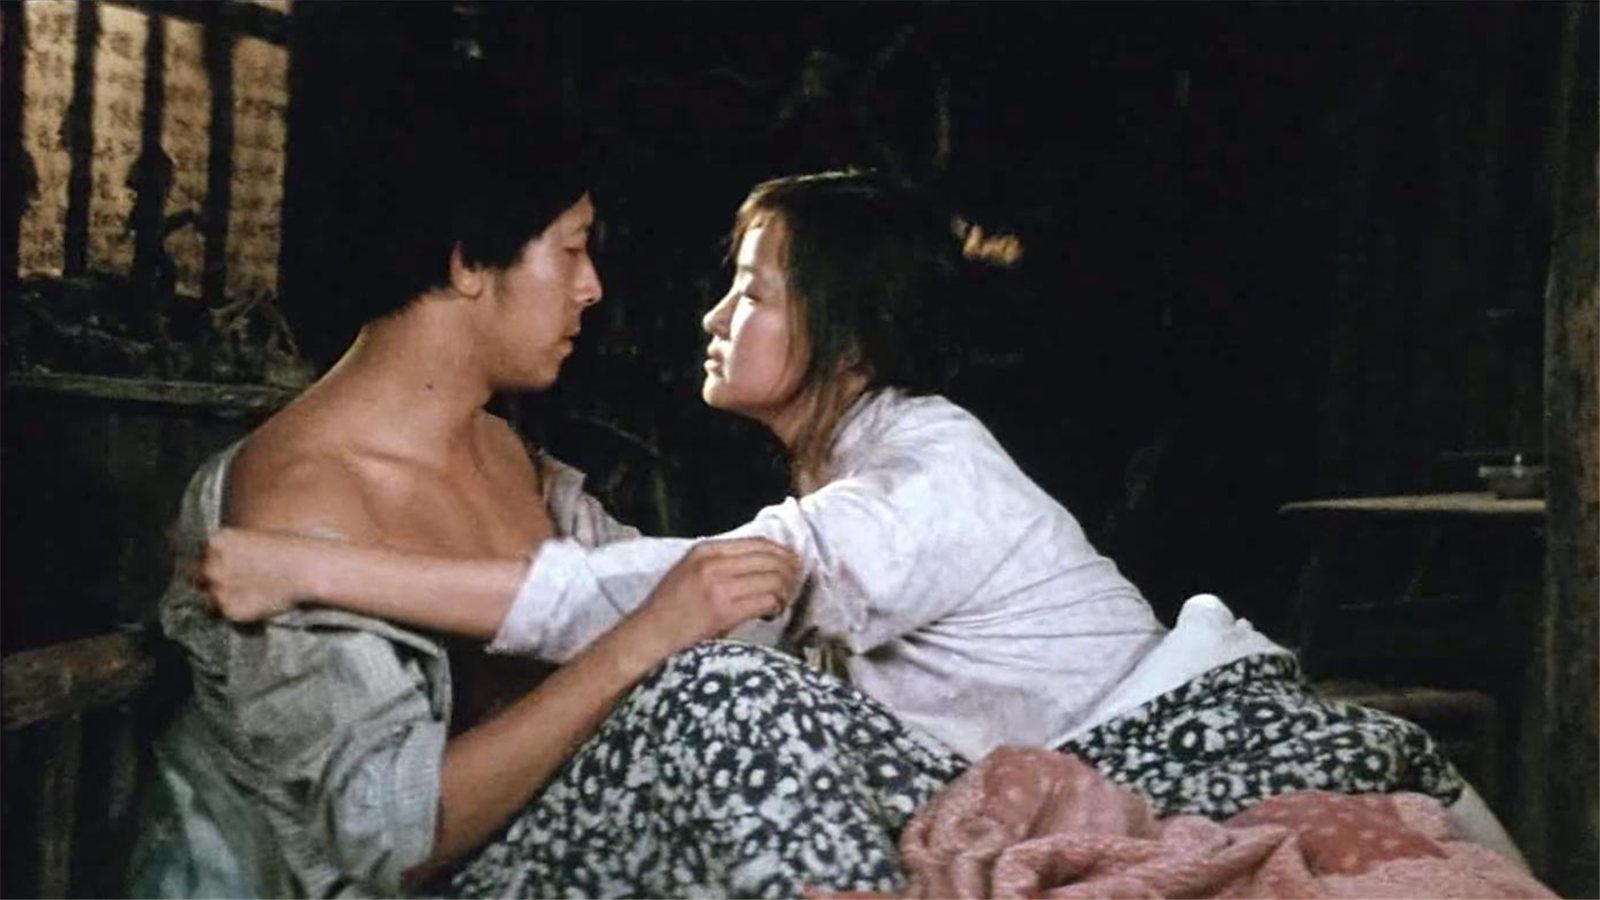 #经典看电影#从《芙蓉镇》看1966-79年的中国,小夫妻受尽迫害,终平反